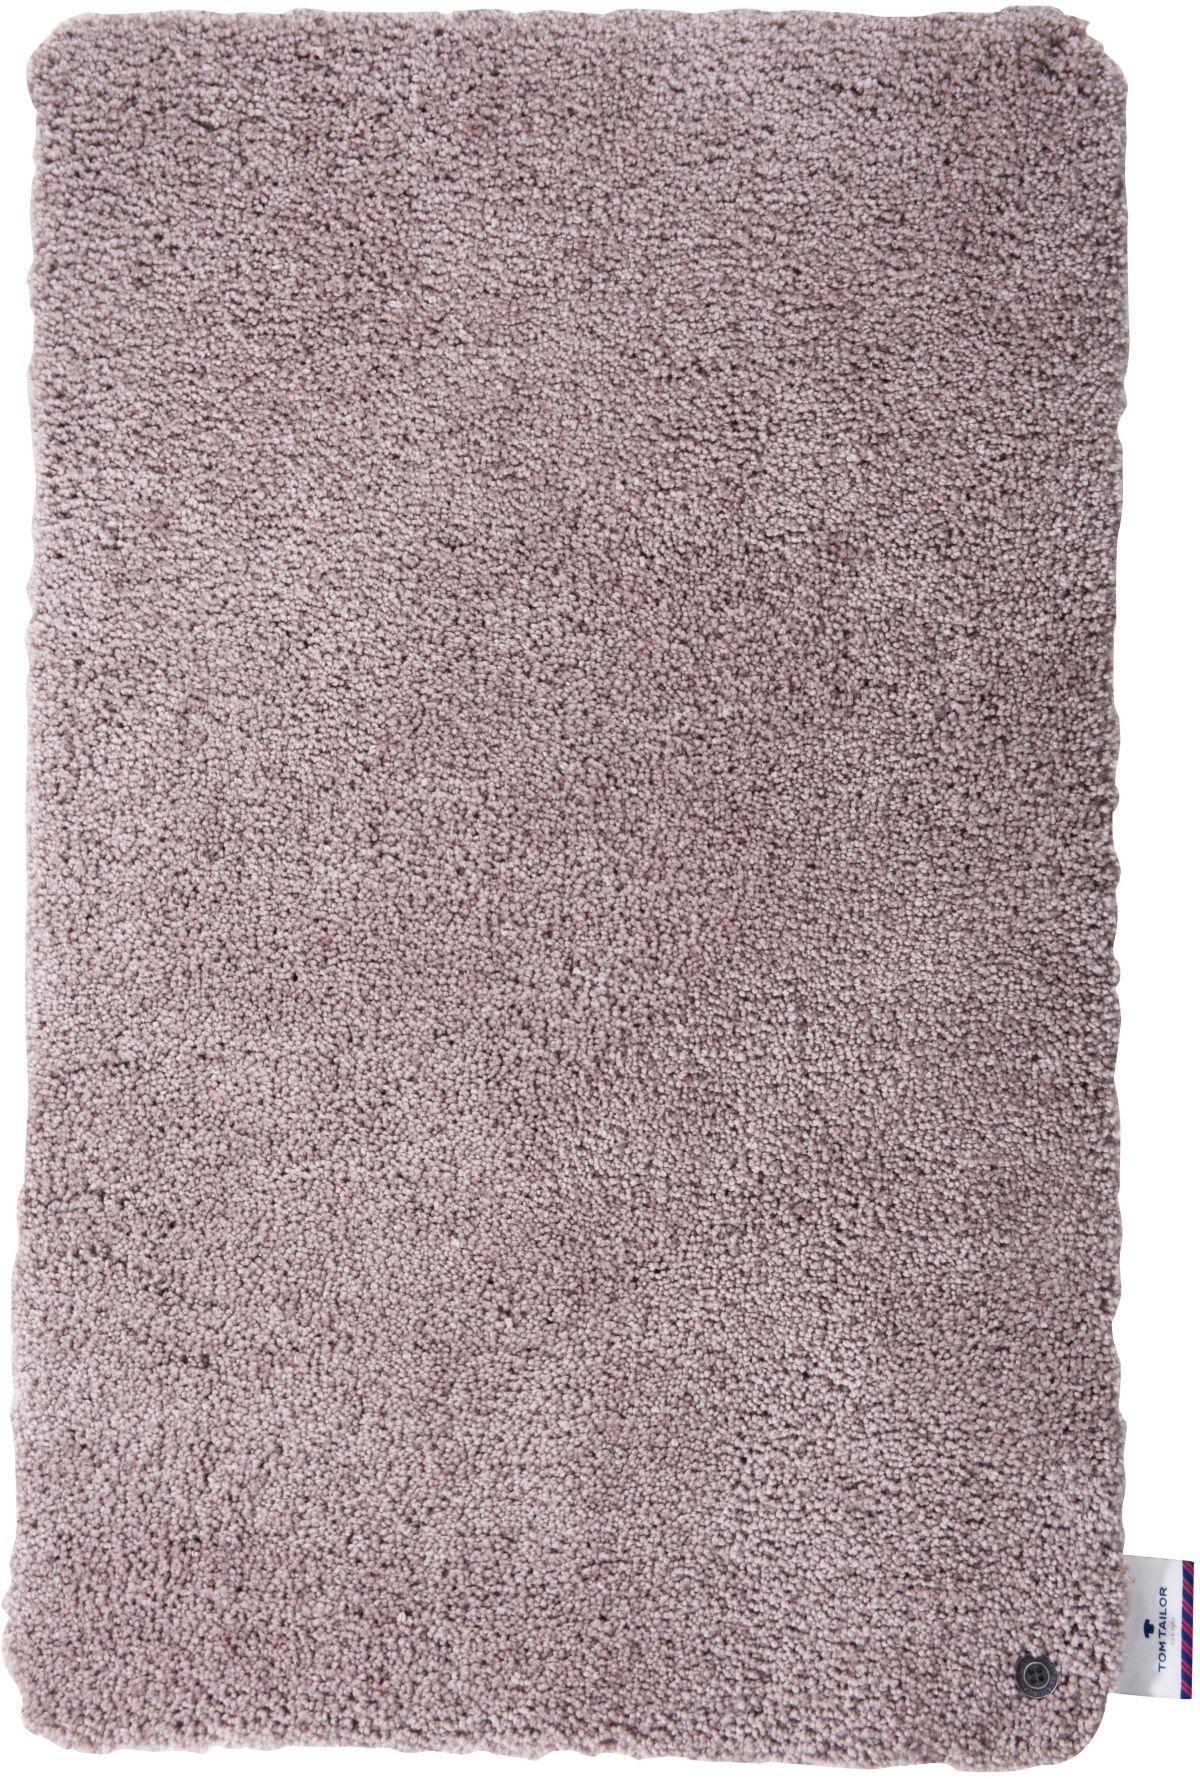 Badematte »Soft Bath«, TOM TAILOR, Höhe 25 mm, ...